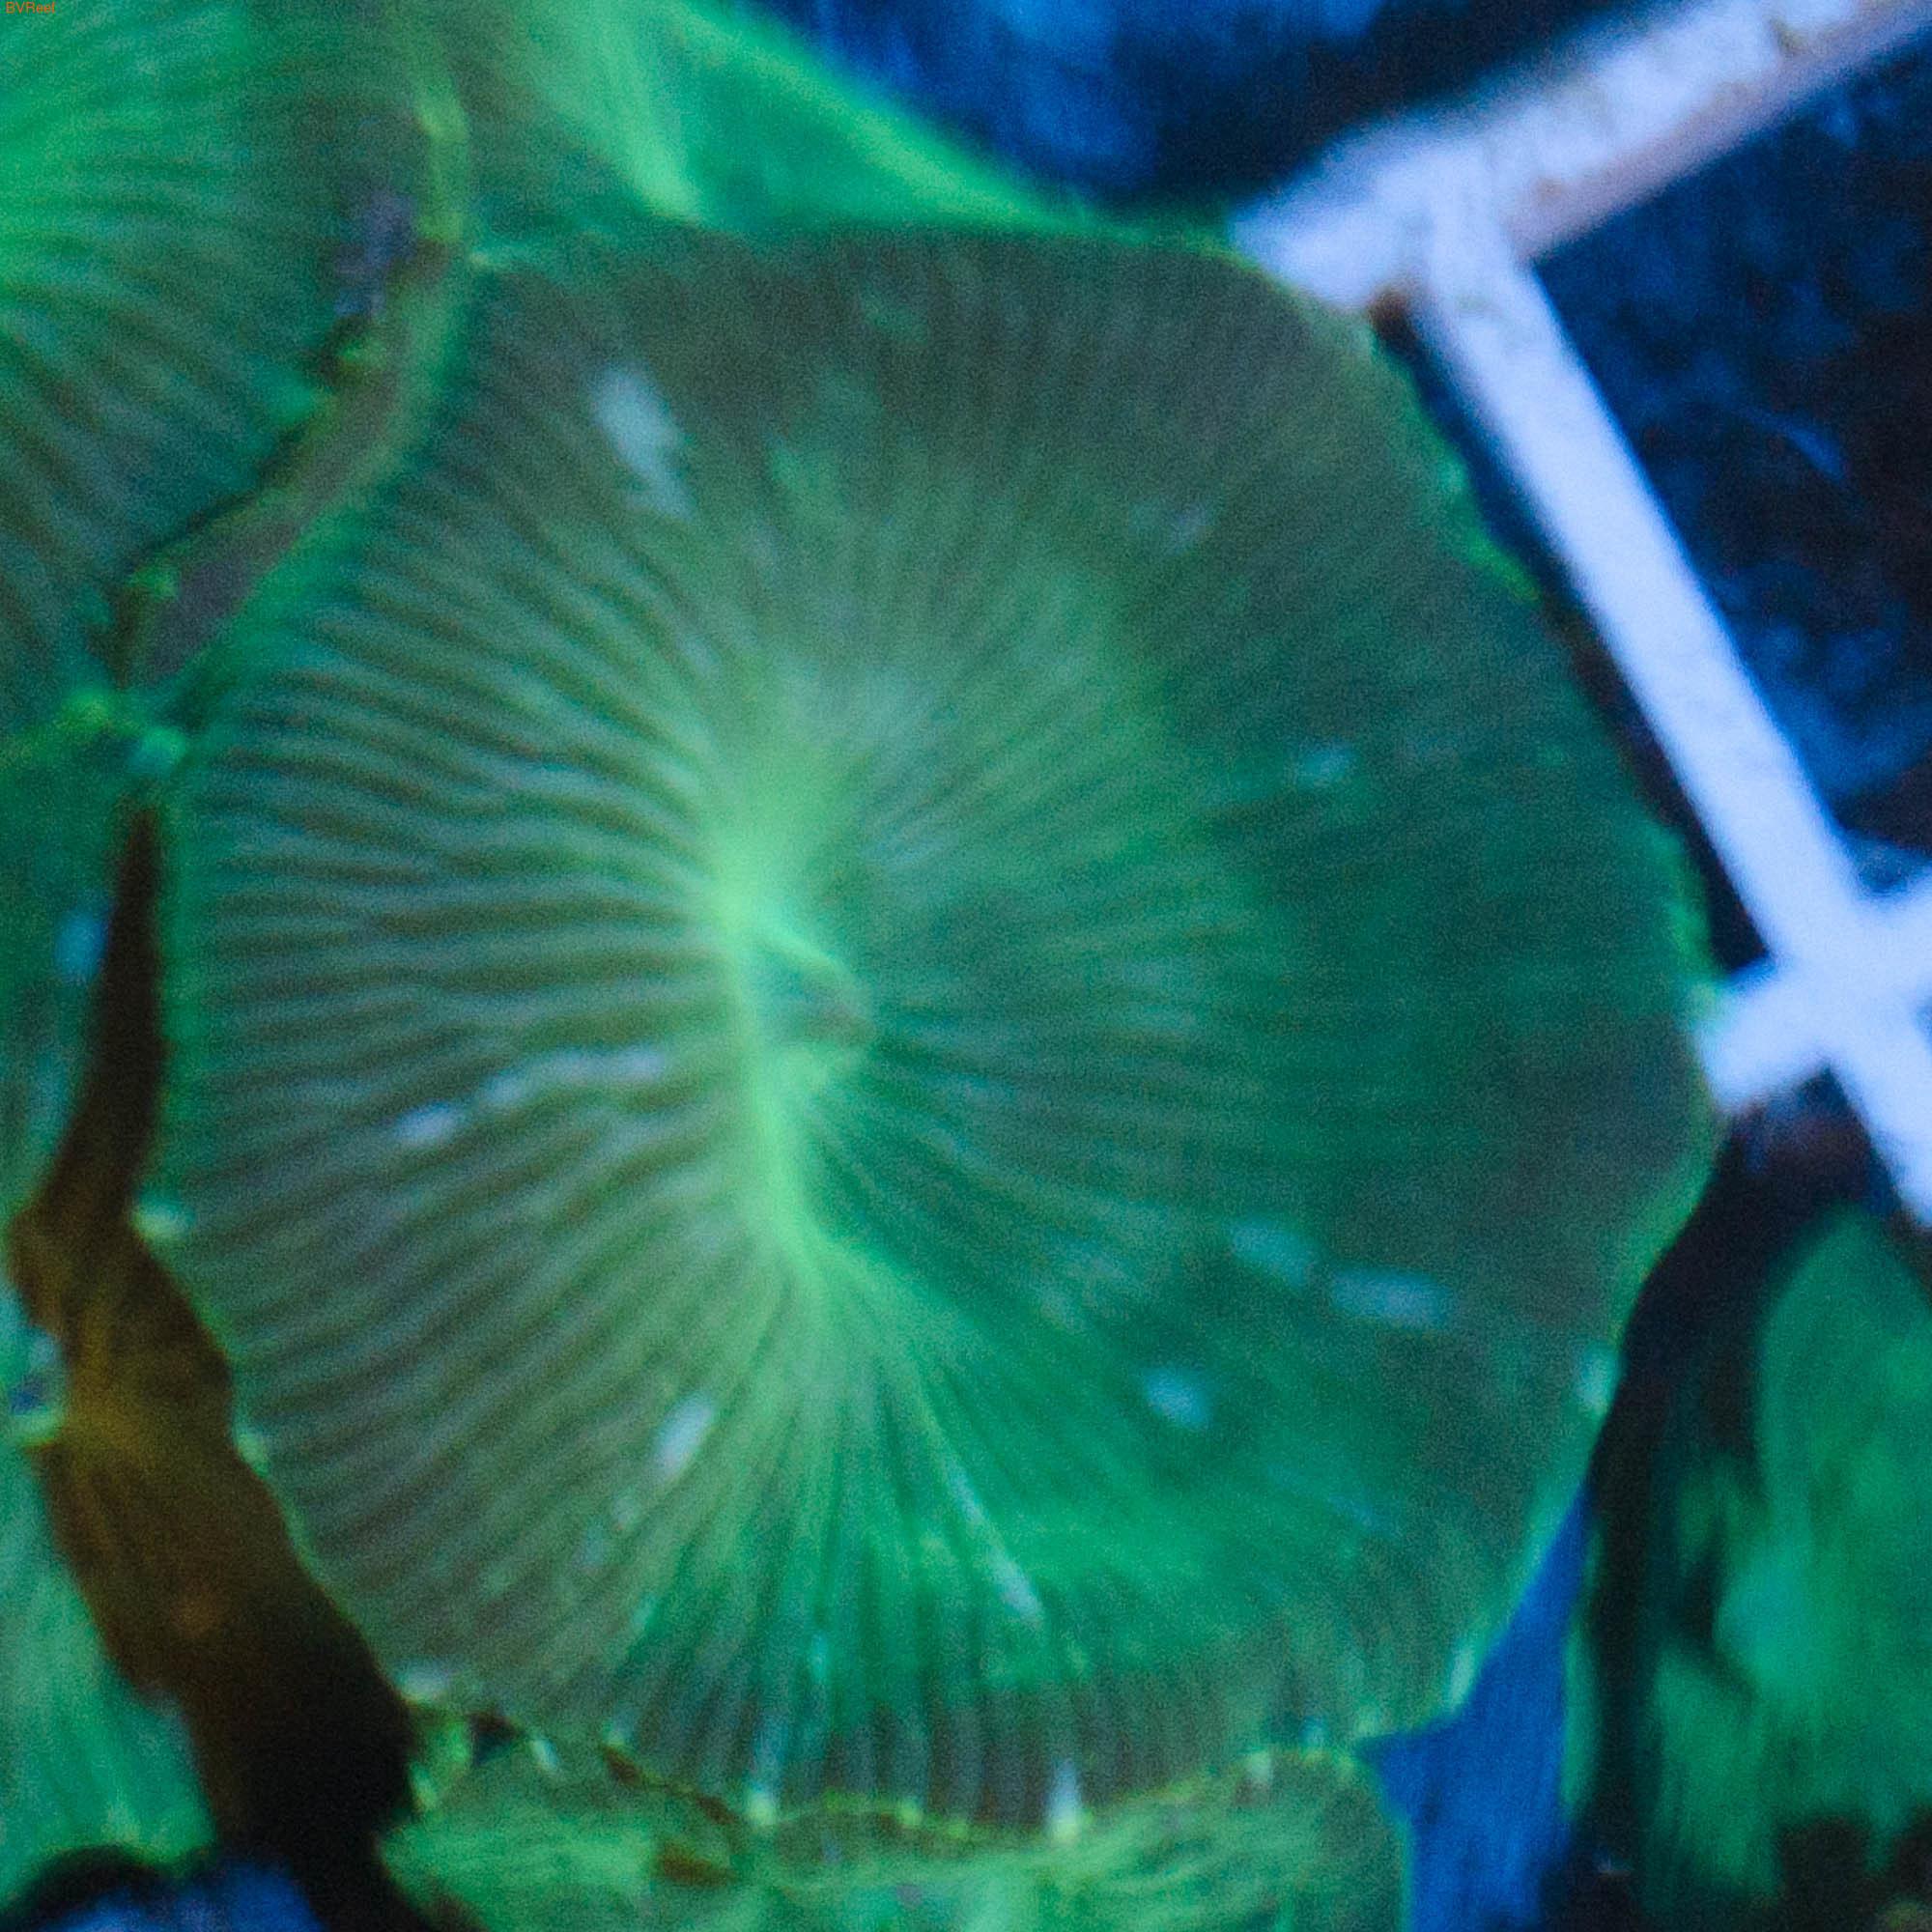 Дискосома зеленая (фото)